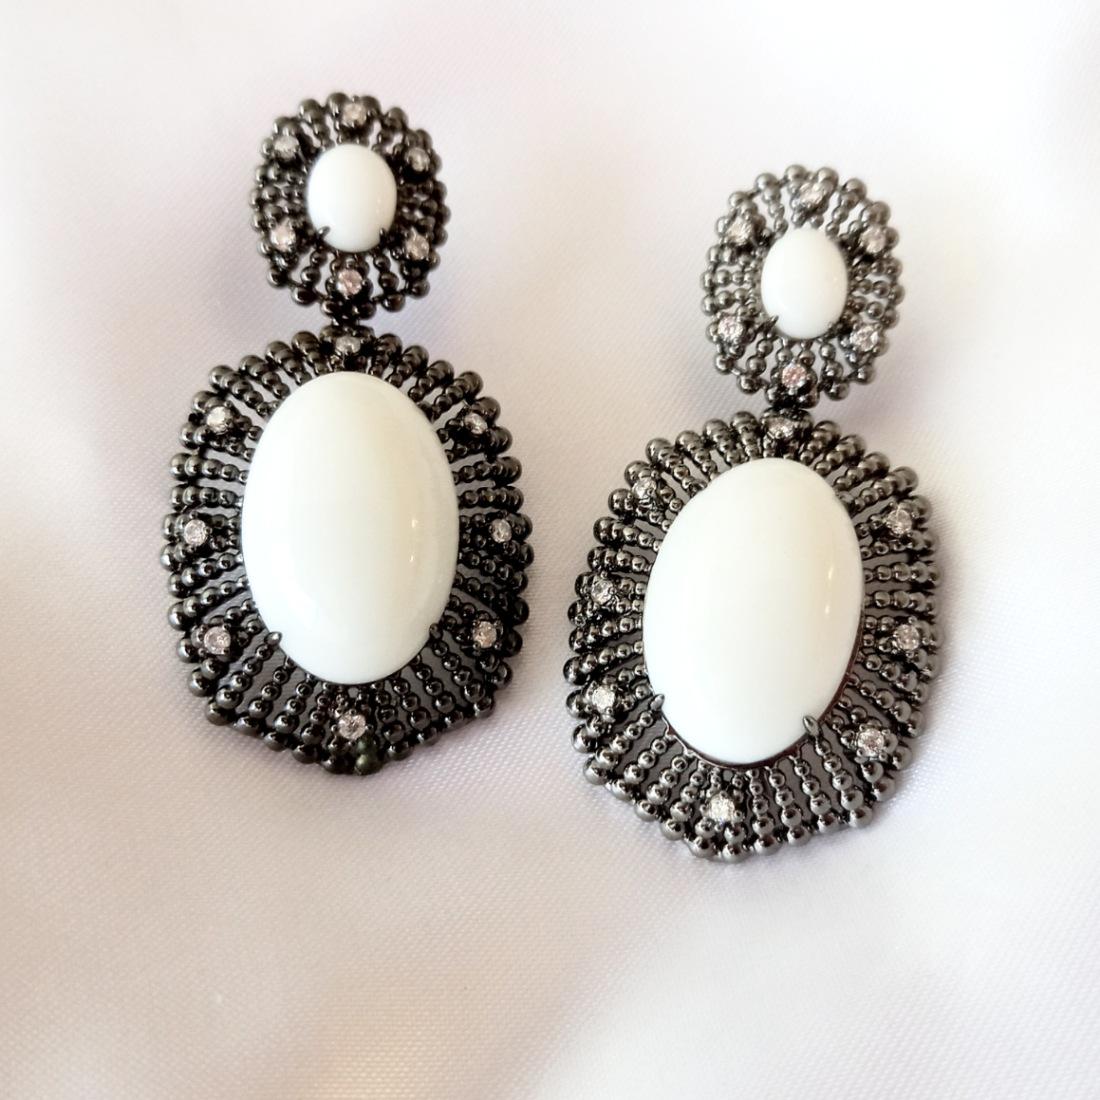 Brinco Cabochão Luxo Semijoia em Ródio Negro com Zircônia Branca e Pedra Natural Ágata Branca  - Soloyou